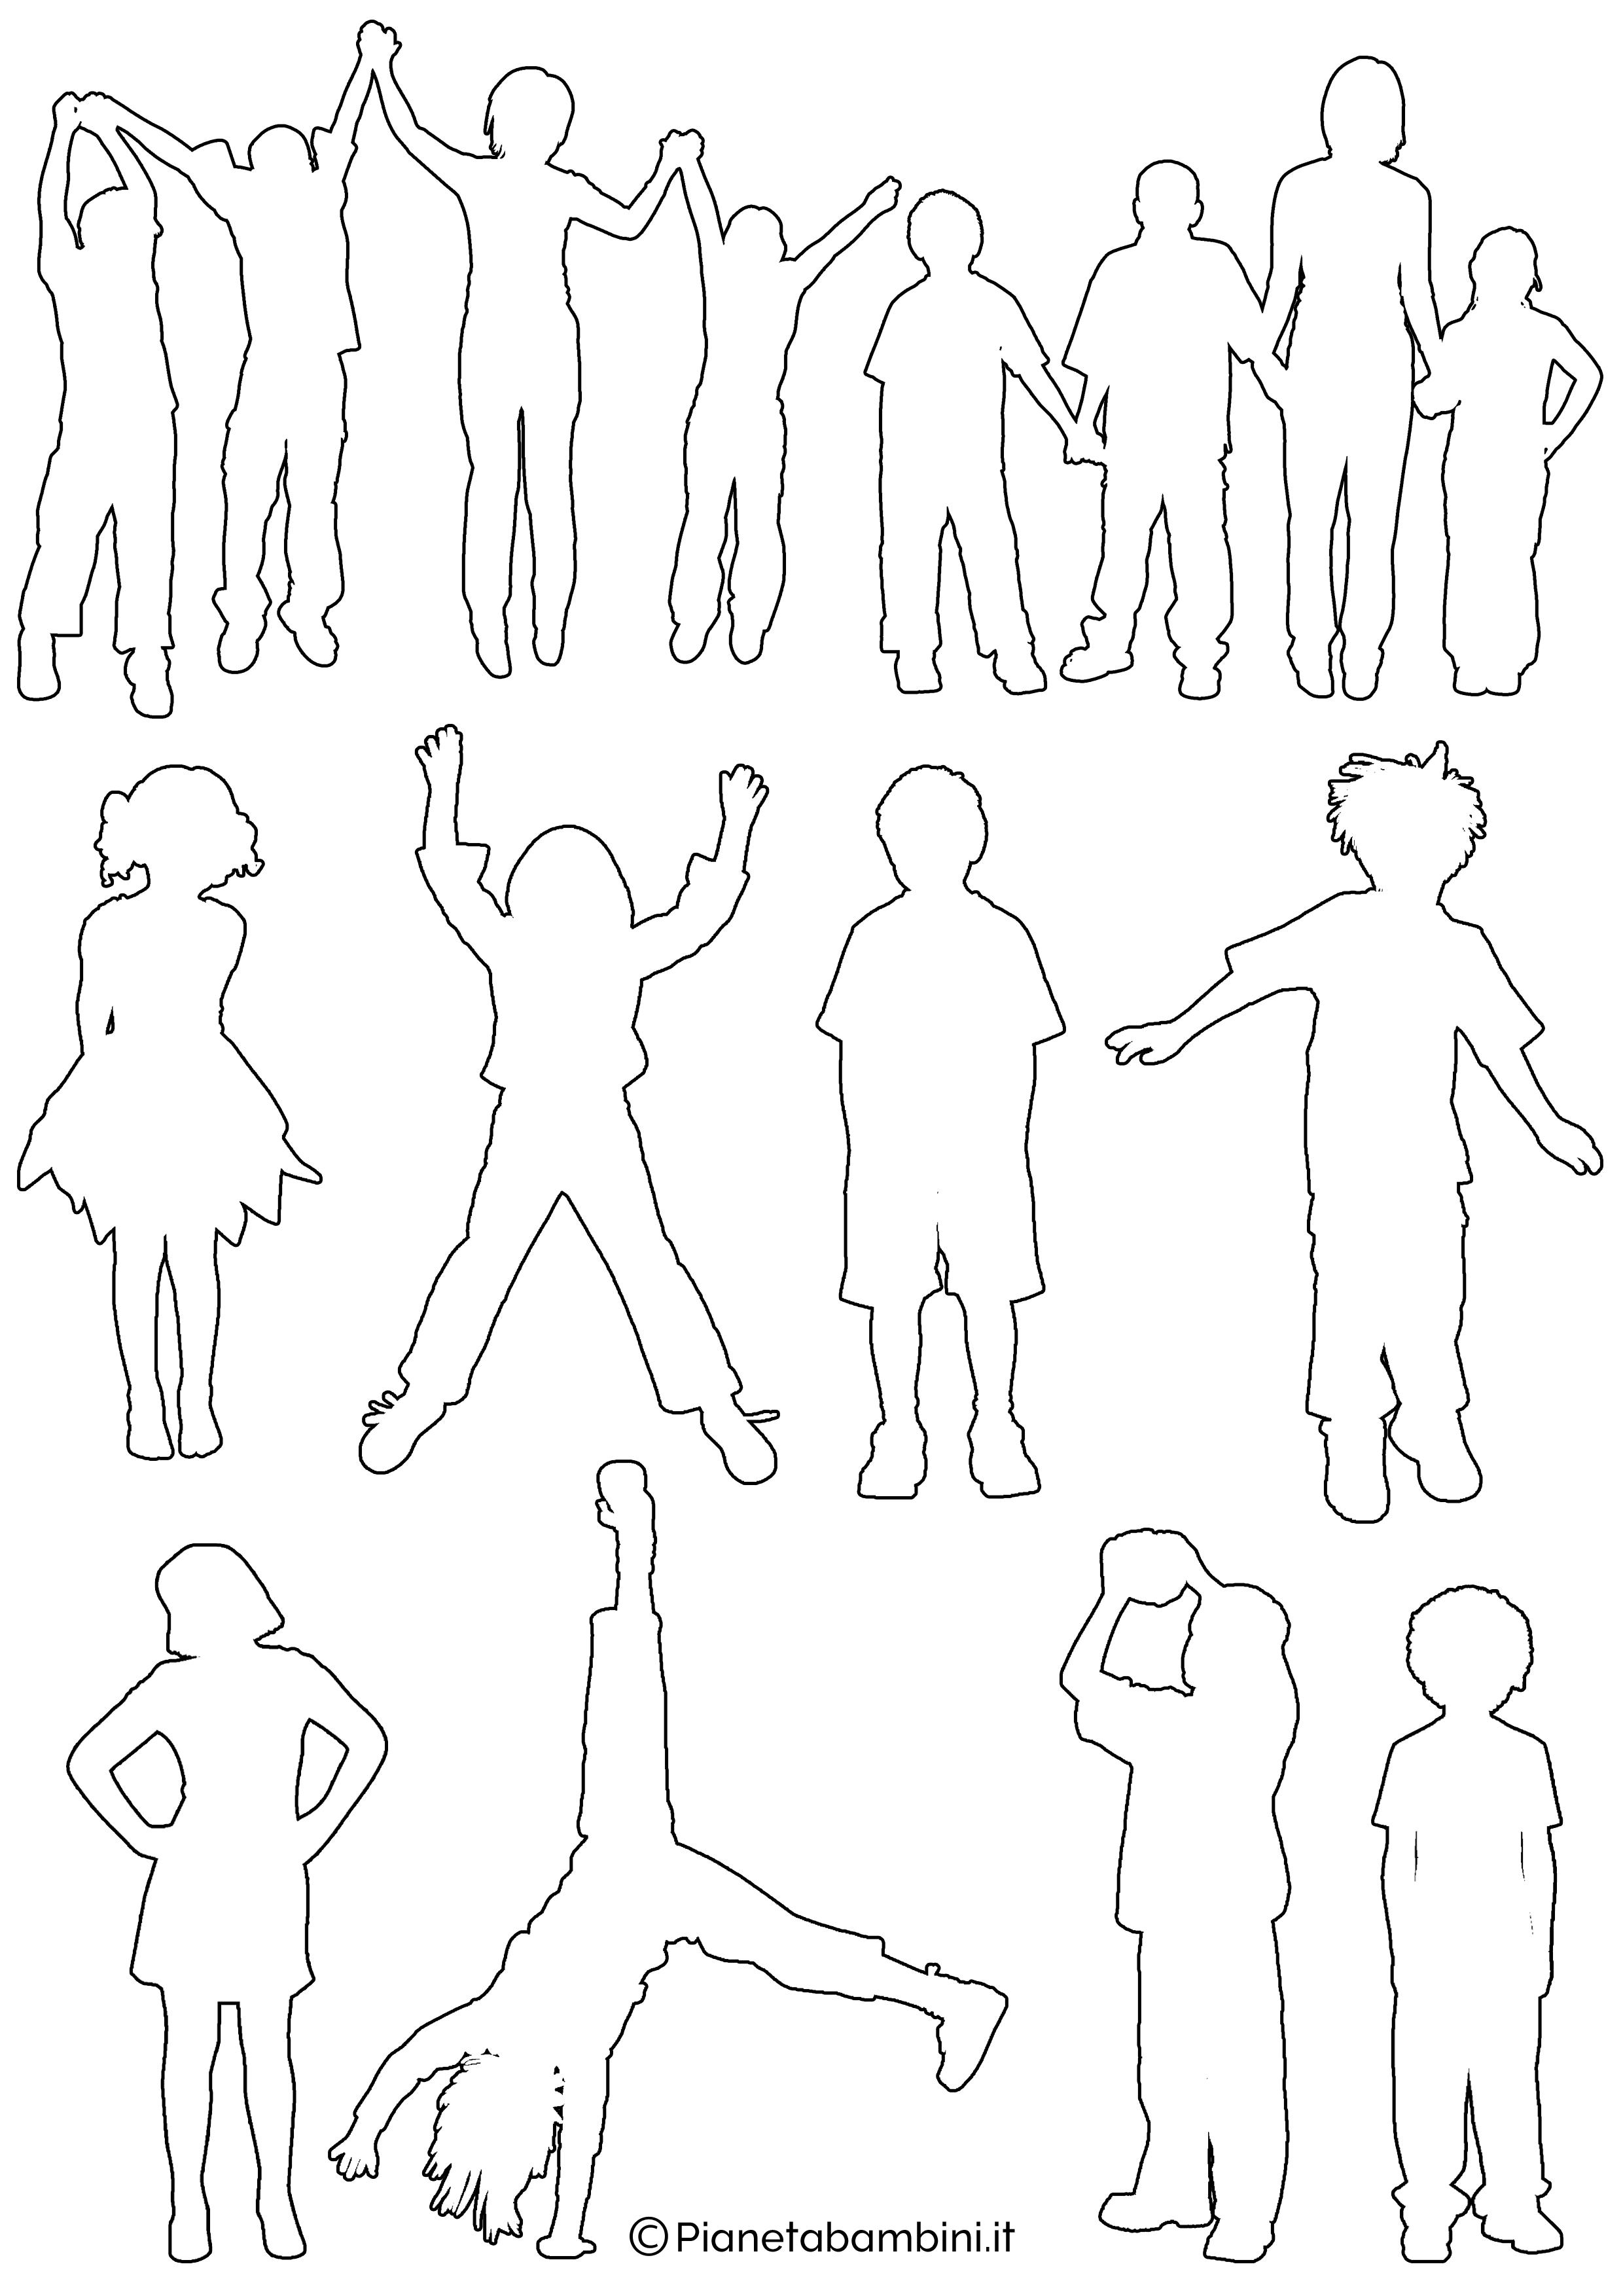 Sagome di bambini da colorare e ritagliare for Disegno bambina da colorare